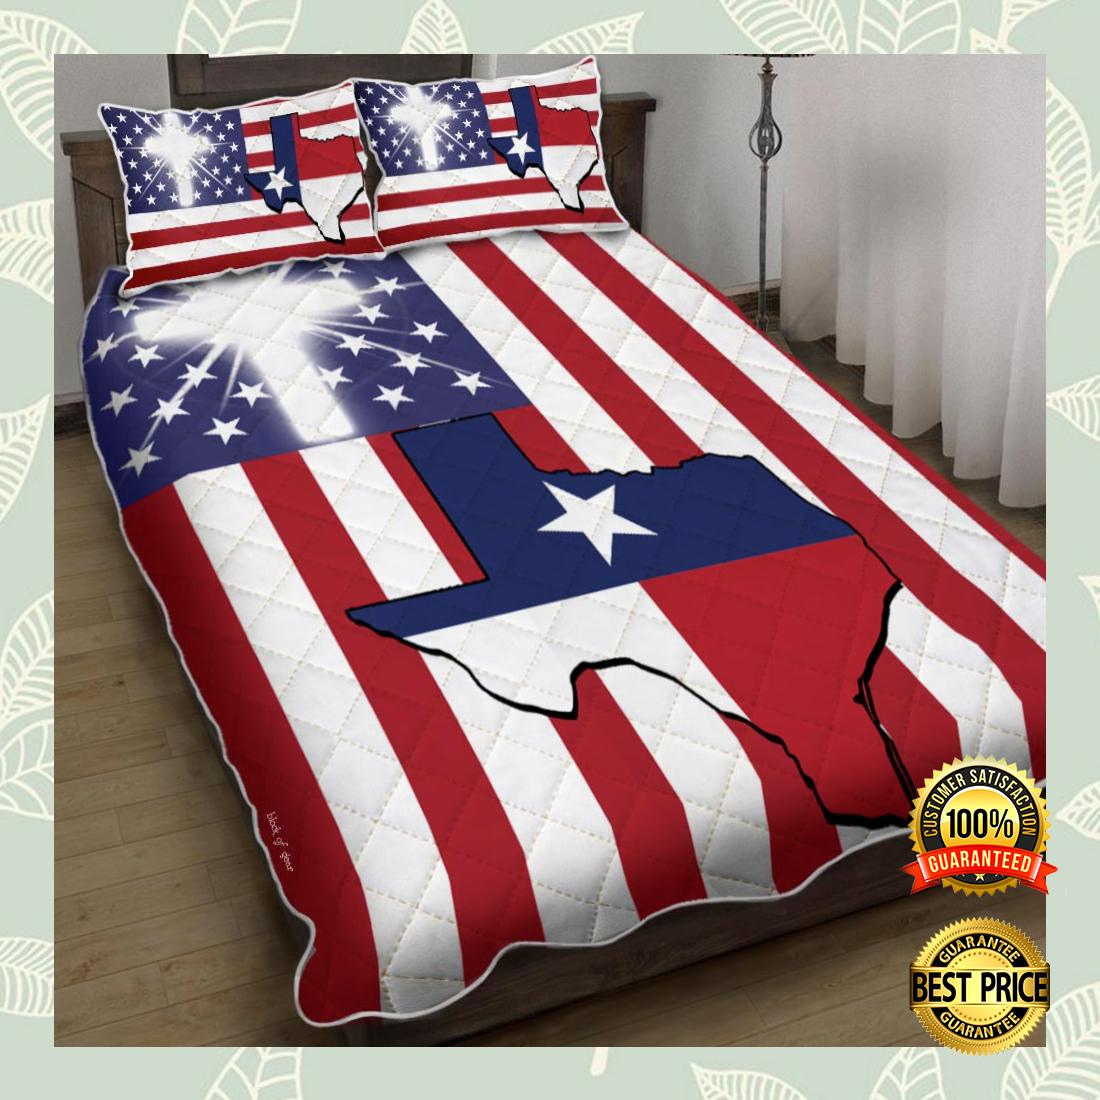 God Bless Texas bedding set 4